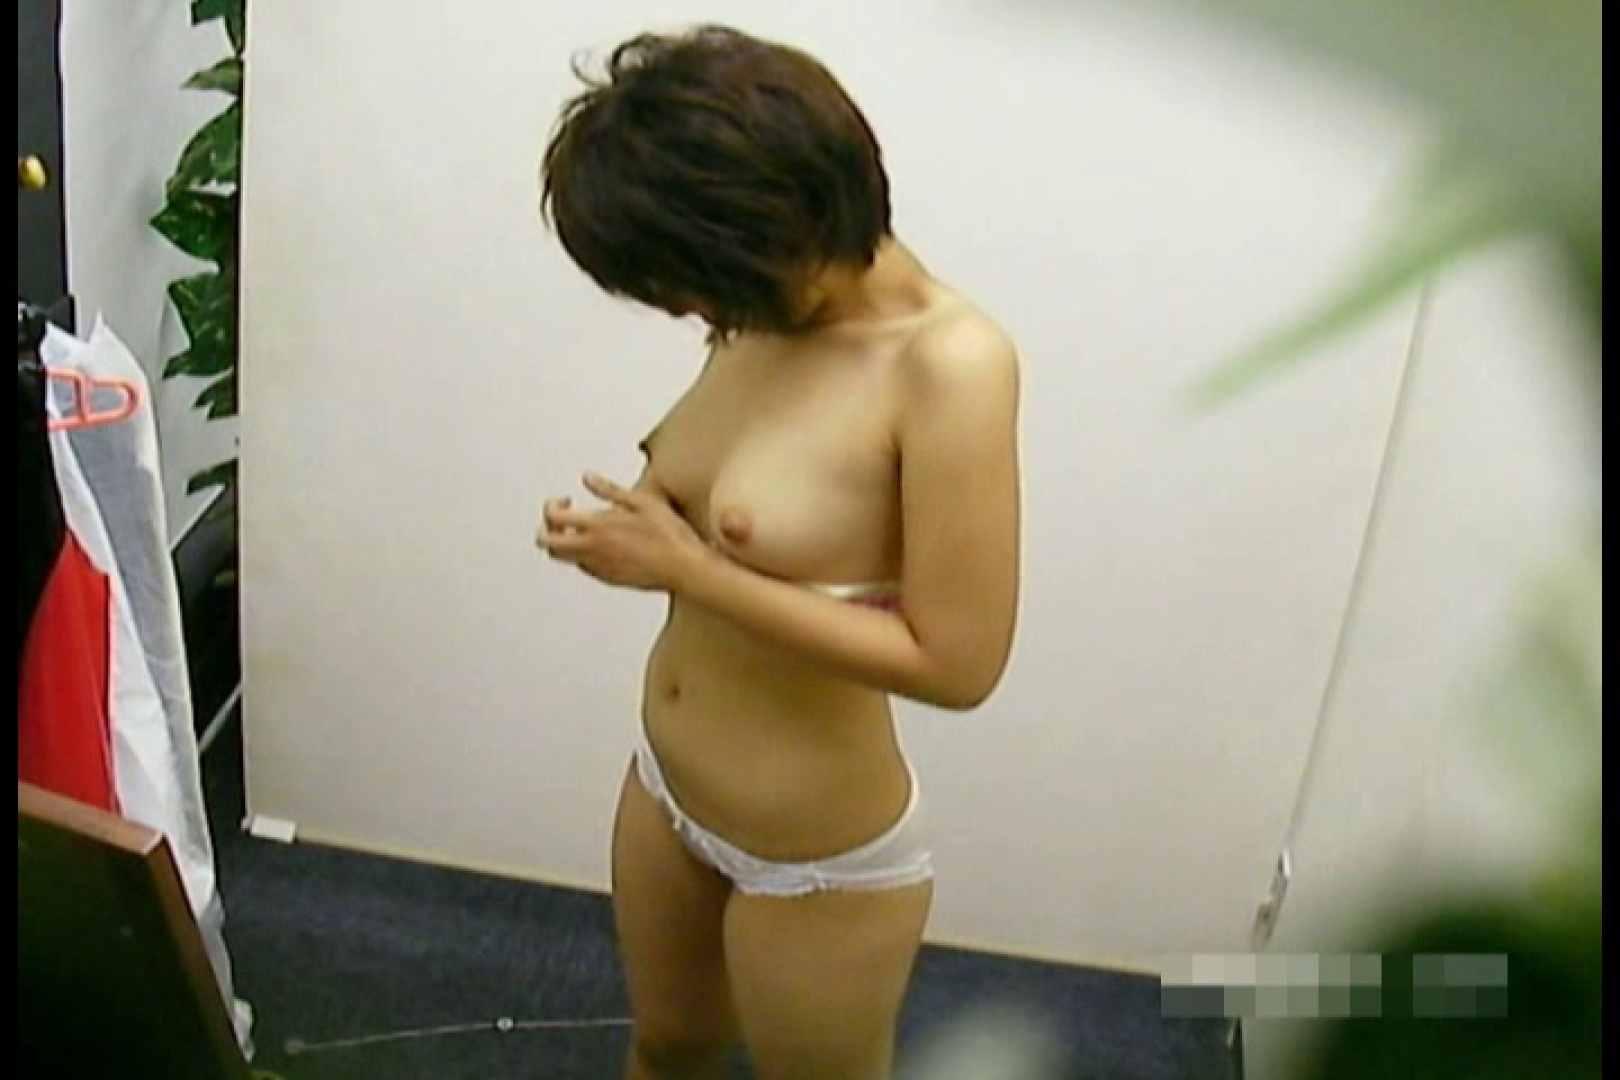 素人撮影 下着だけの撮影のはずが・・・エミちゃん18歳 盗撮   ギャル達のオマンコ  55画像 33